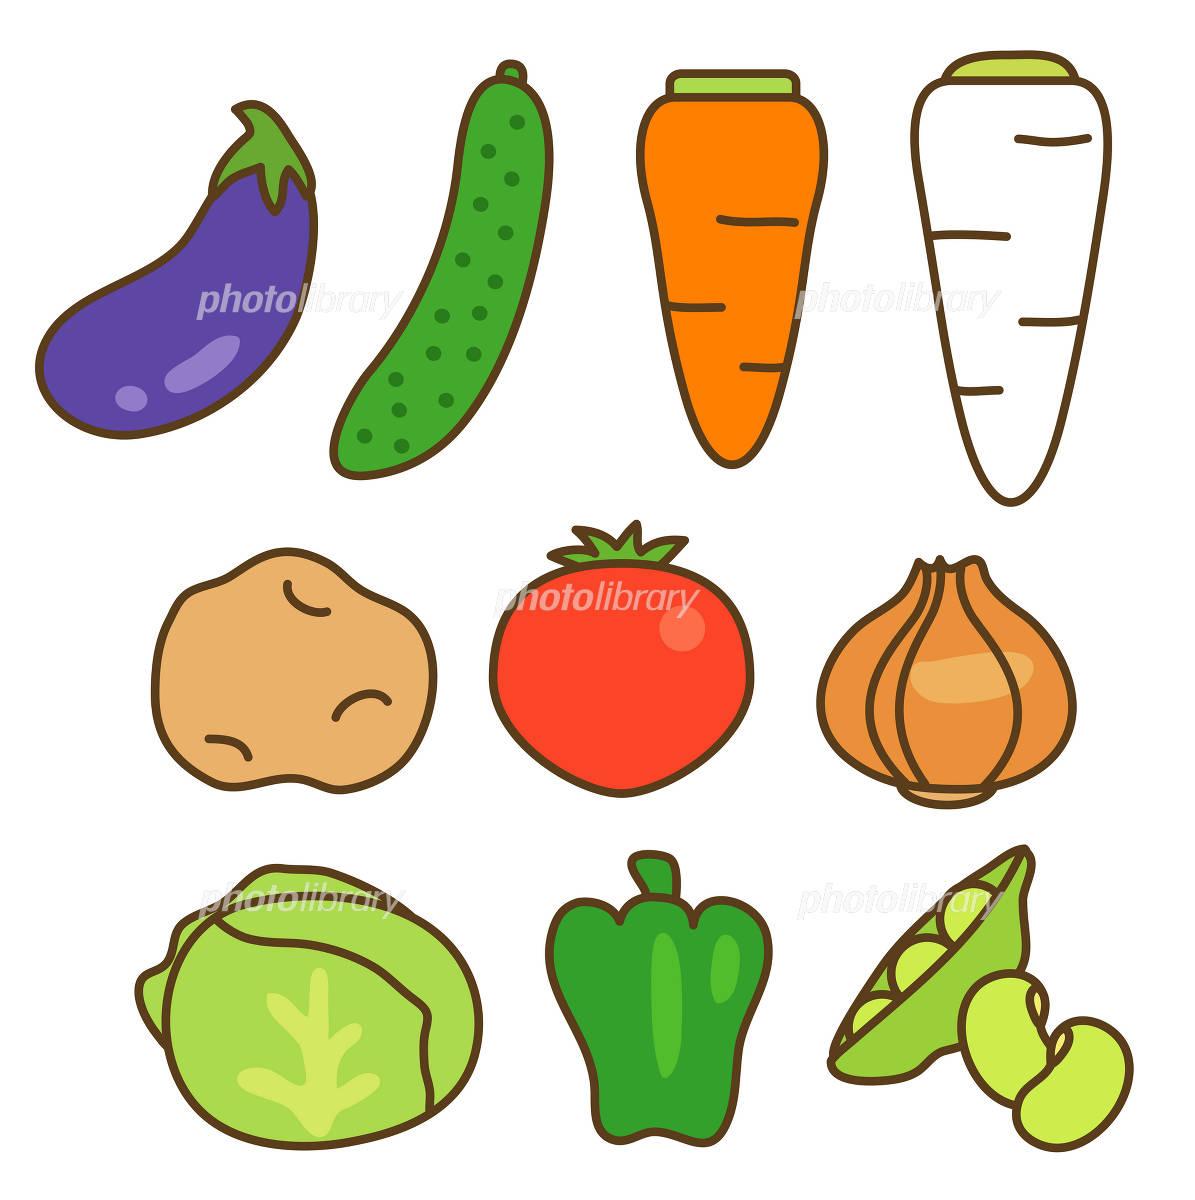 野菜 イラスト素材 [ 1016115 ] - フォトライブラリー photolibrary